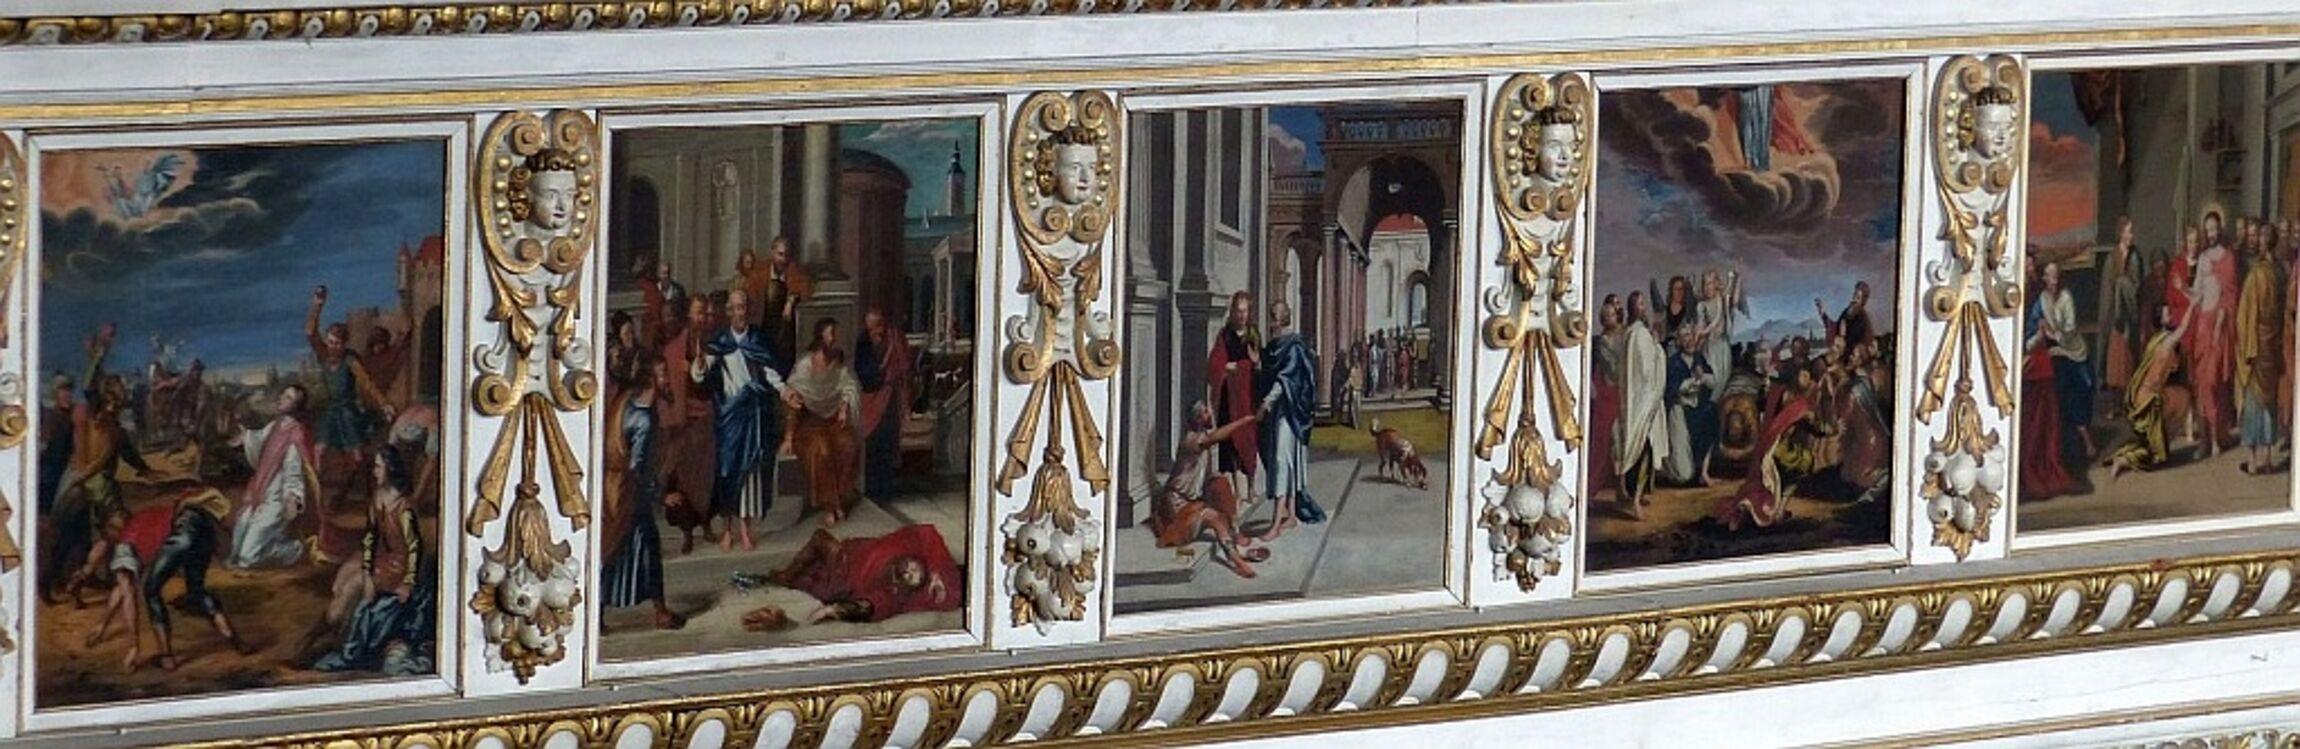 Bildergalerie NT -Nordempore- Ende 17. Jahrhundert